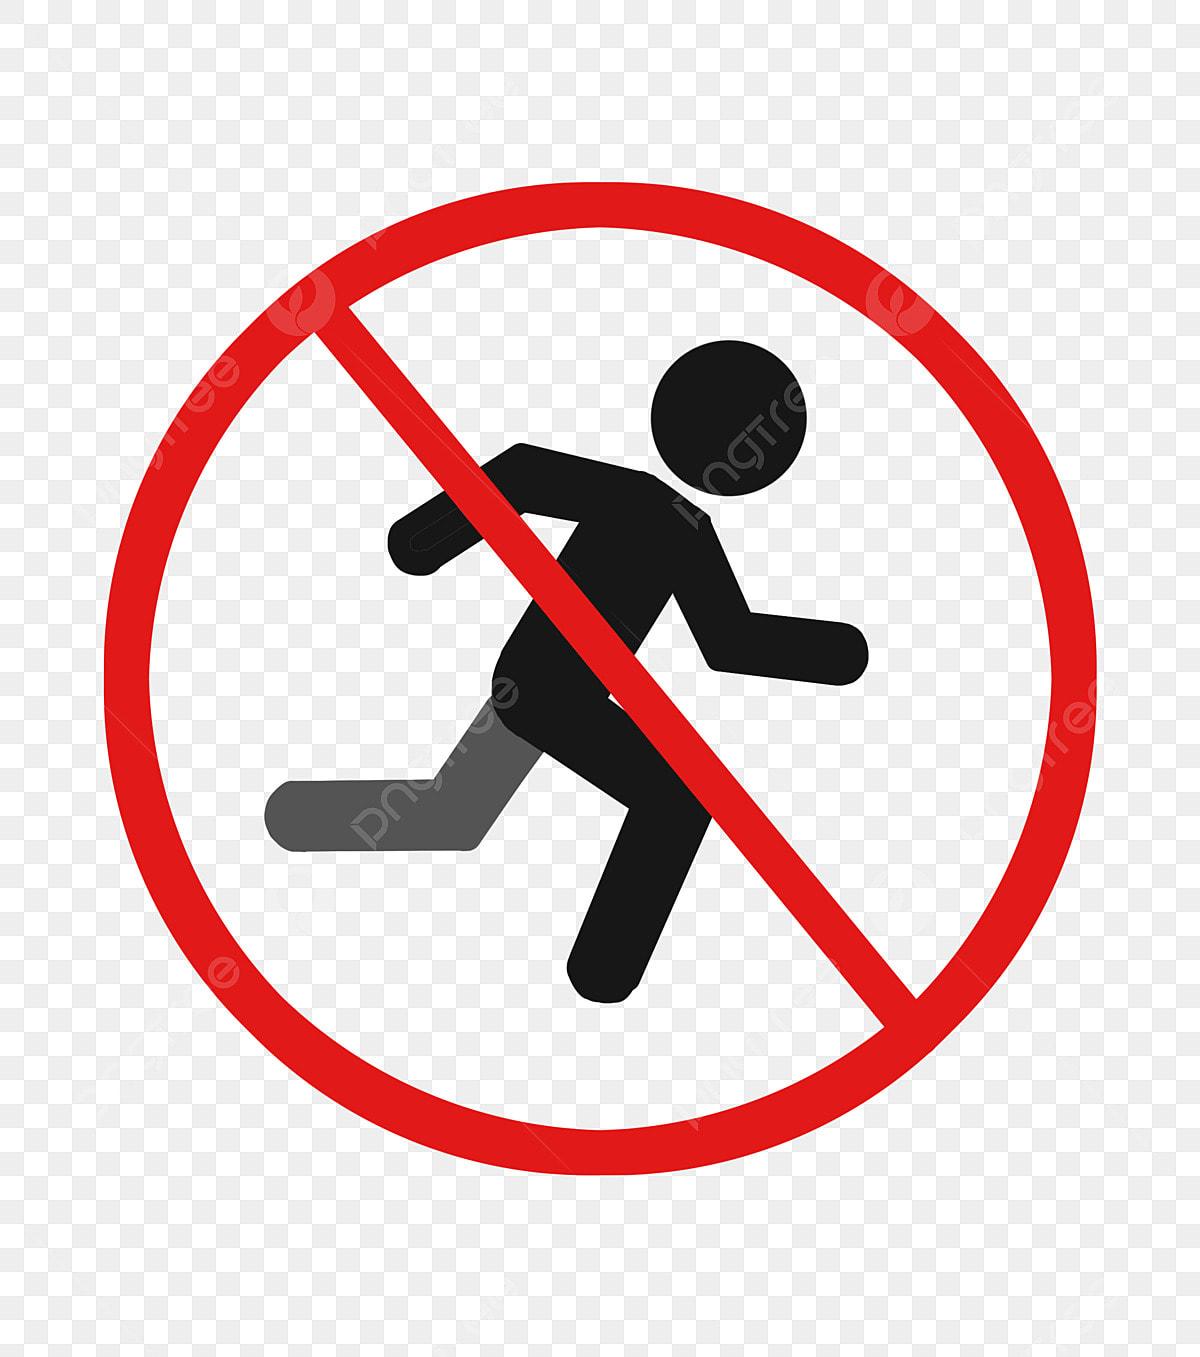 No Corre Advierte Corre Señal, No Correr, Advertencia ...